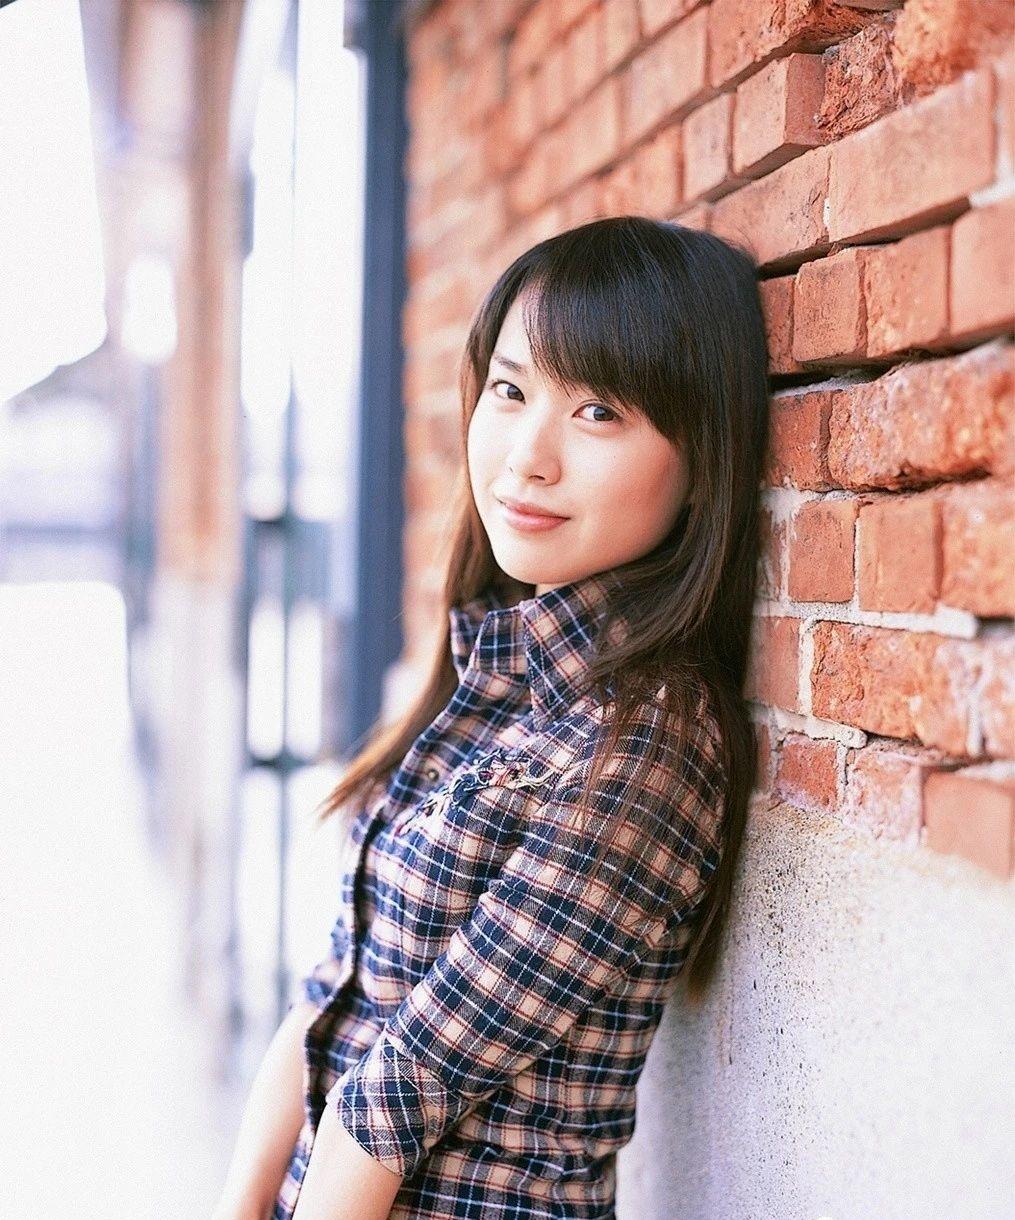 美的不可方物少女时代的户田惠梨香写真作品 (35)